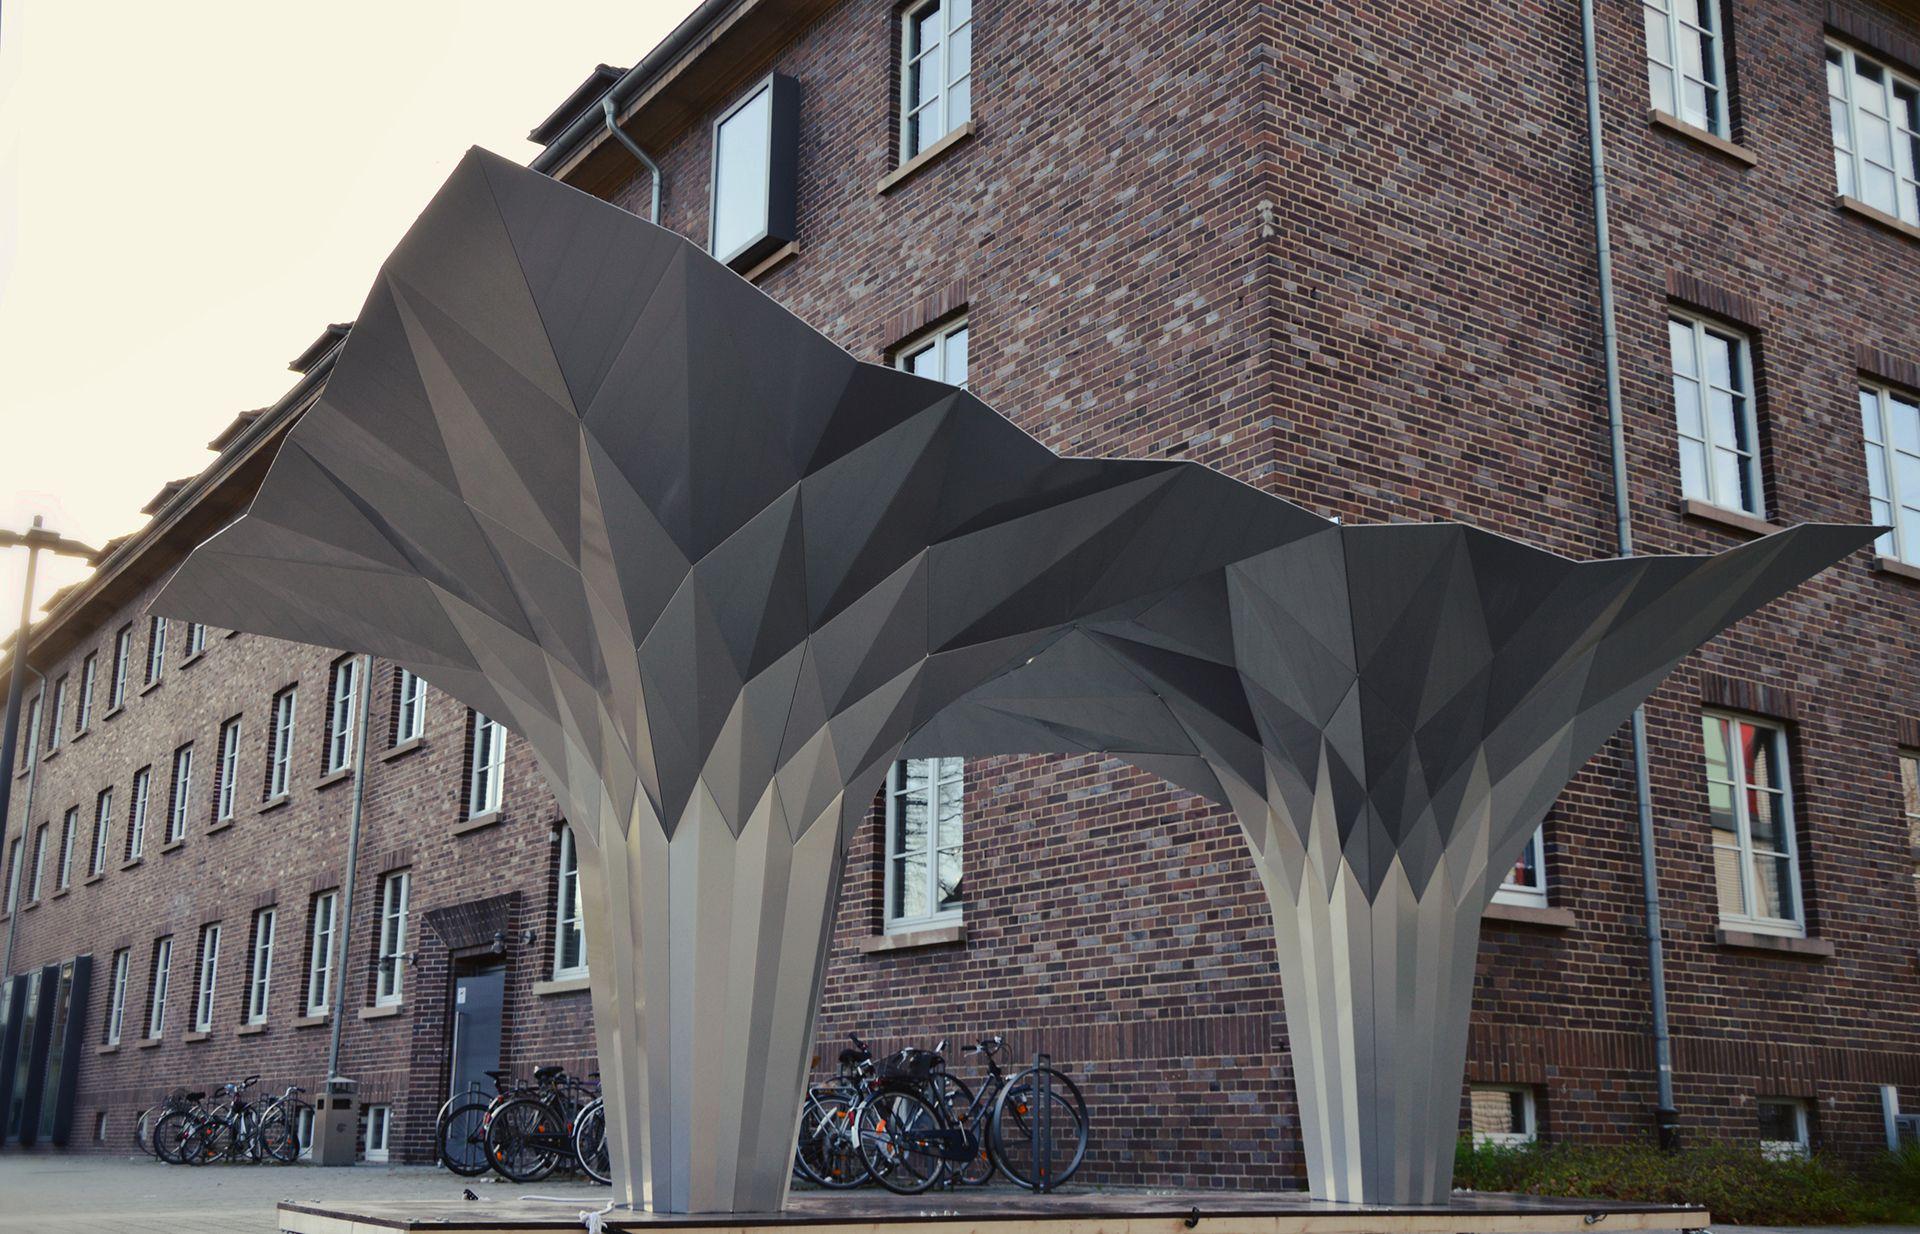 Origami Pavilion